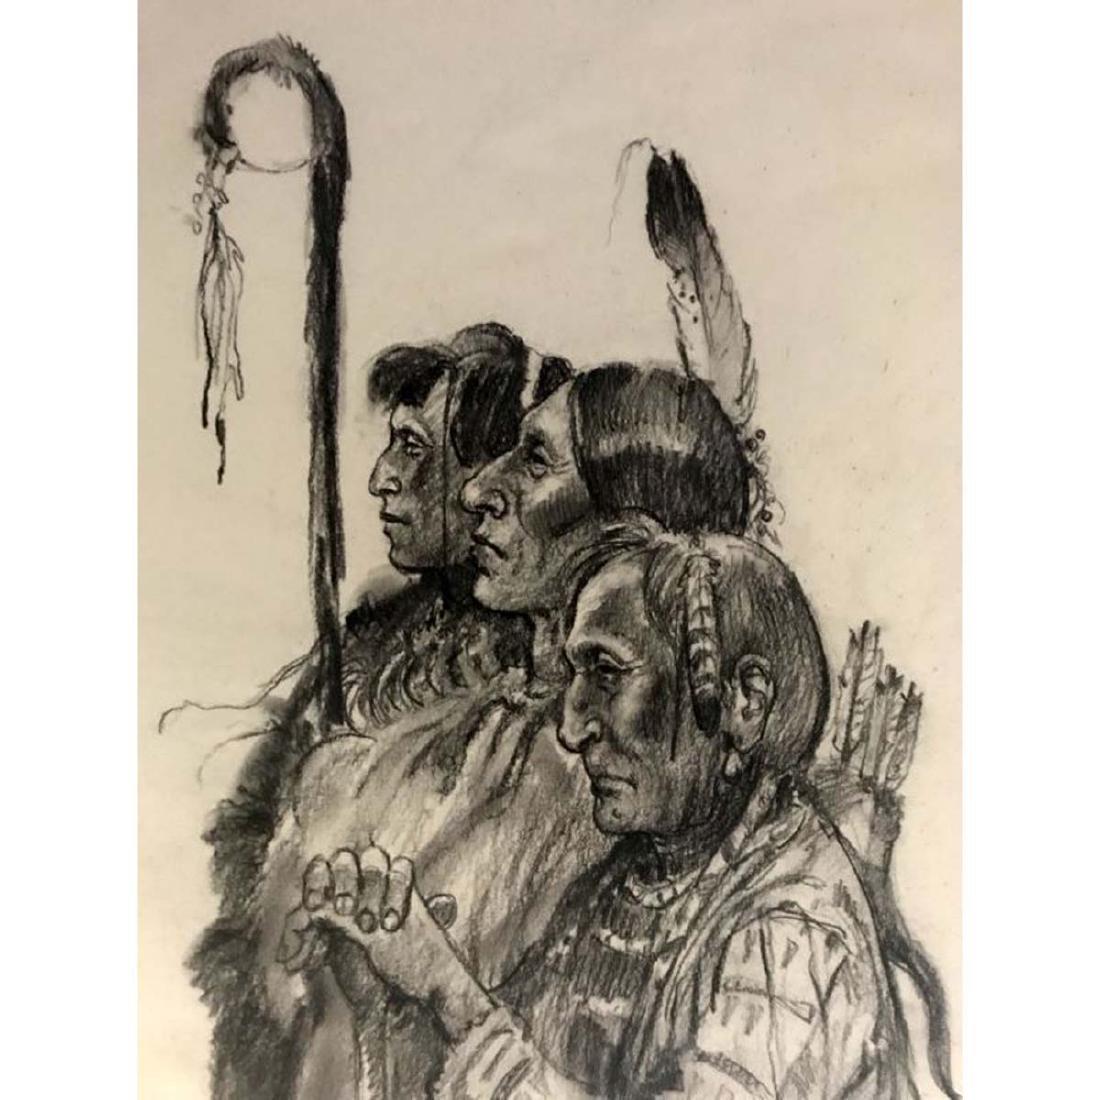 JOE NEIL BEELER PROUD INDIANS STANDING GROUND CHARCOAL - 3